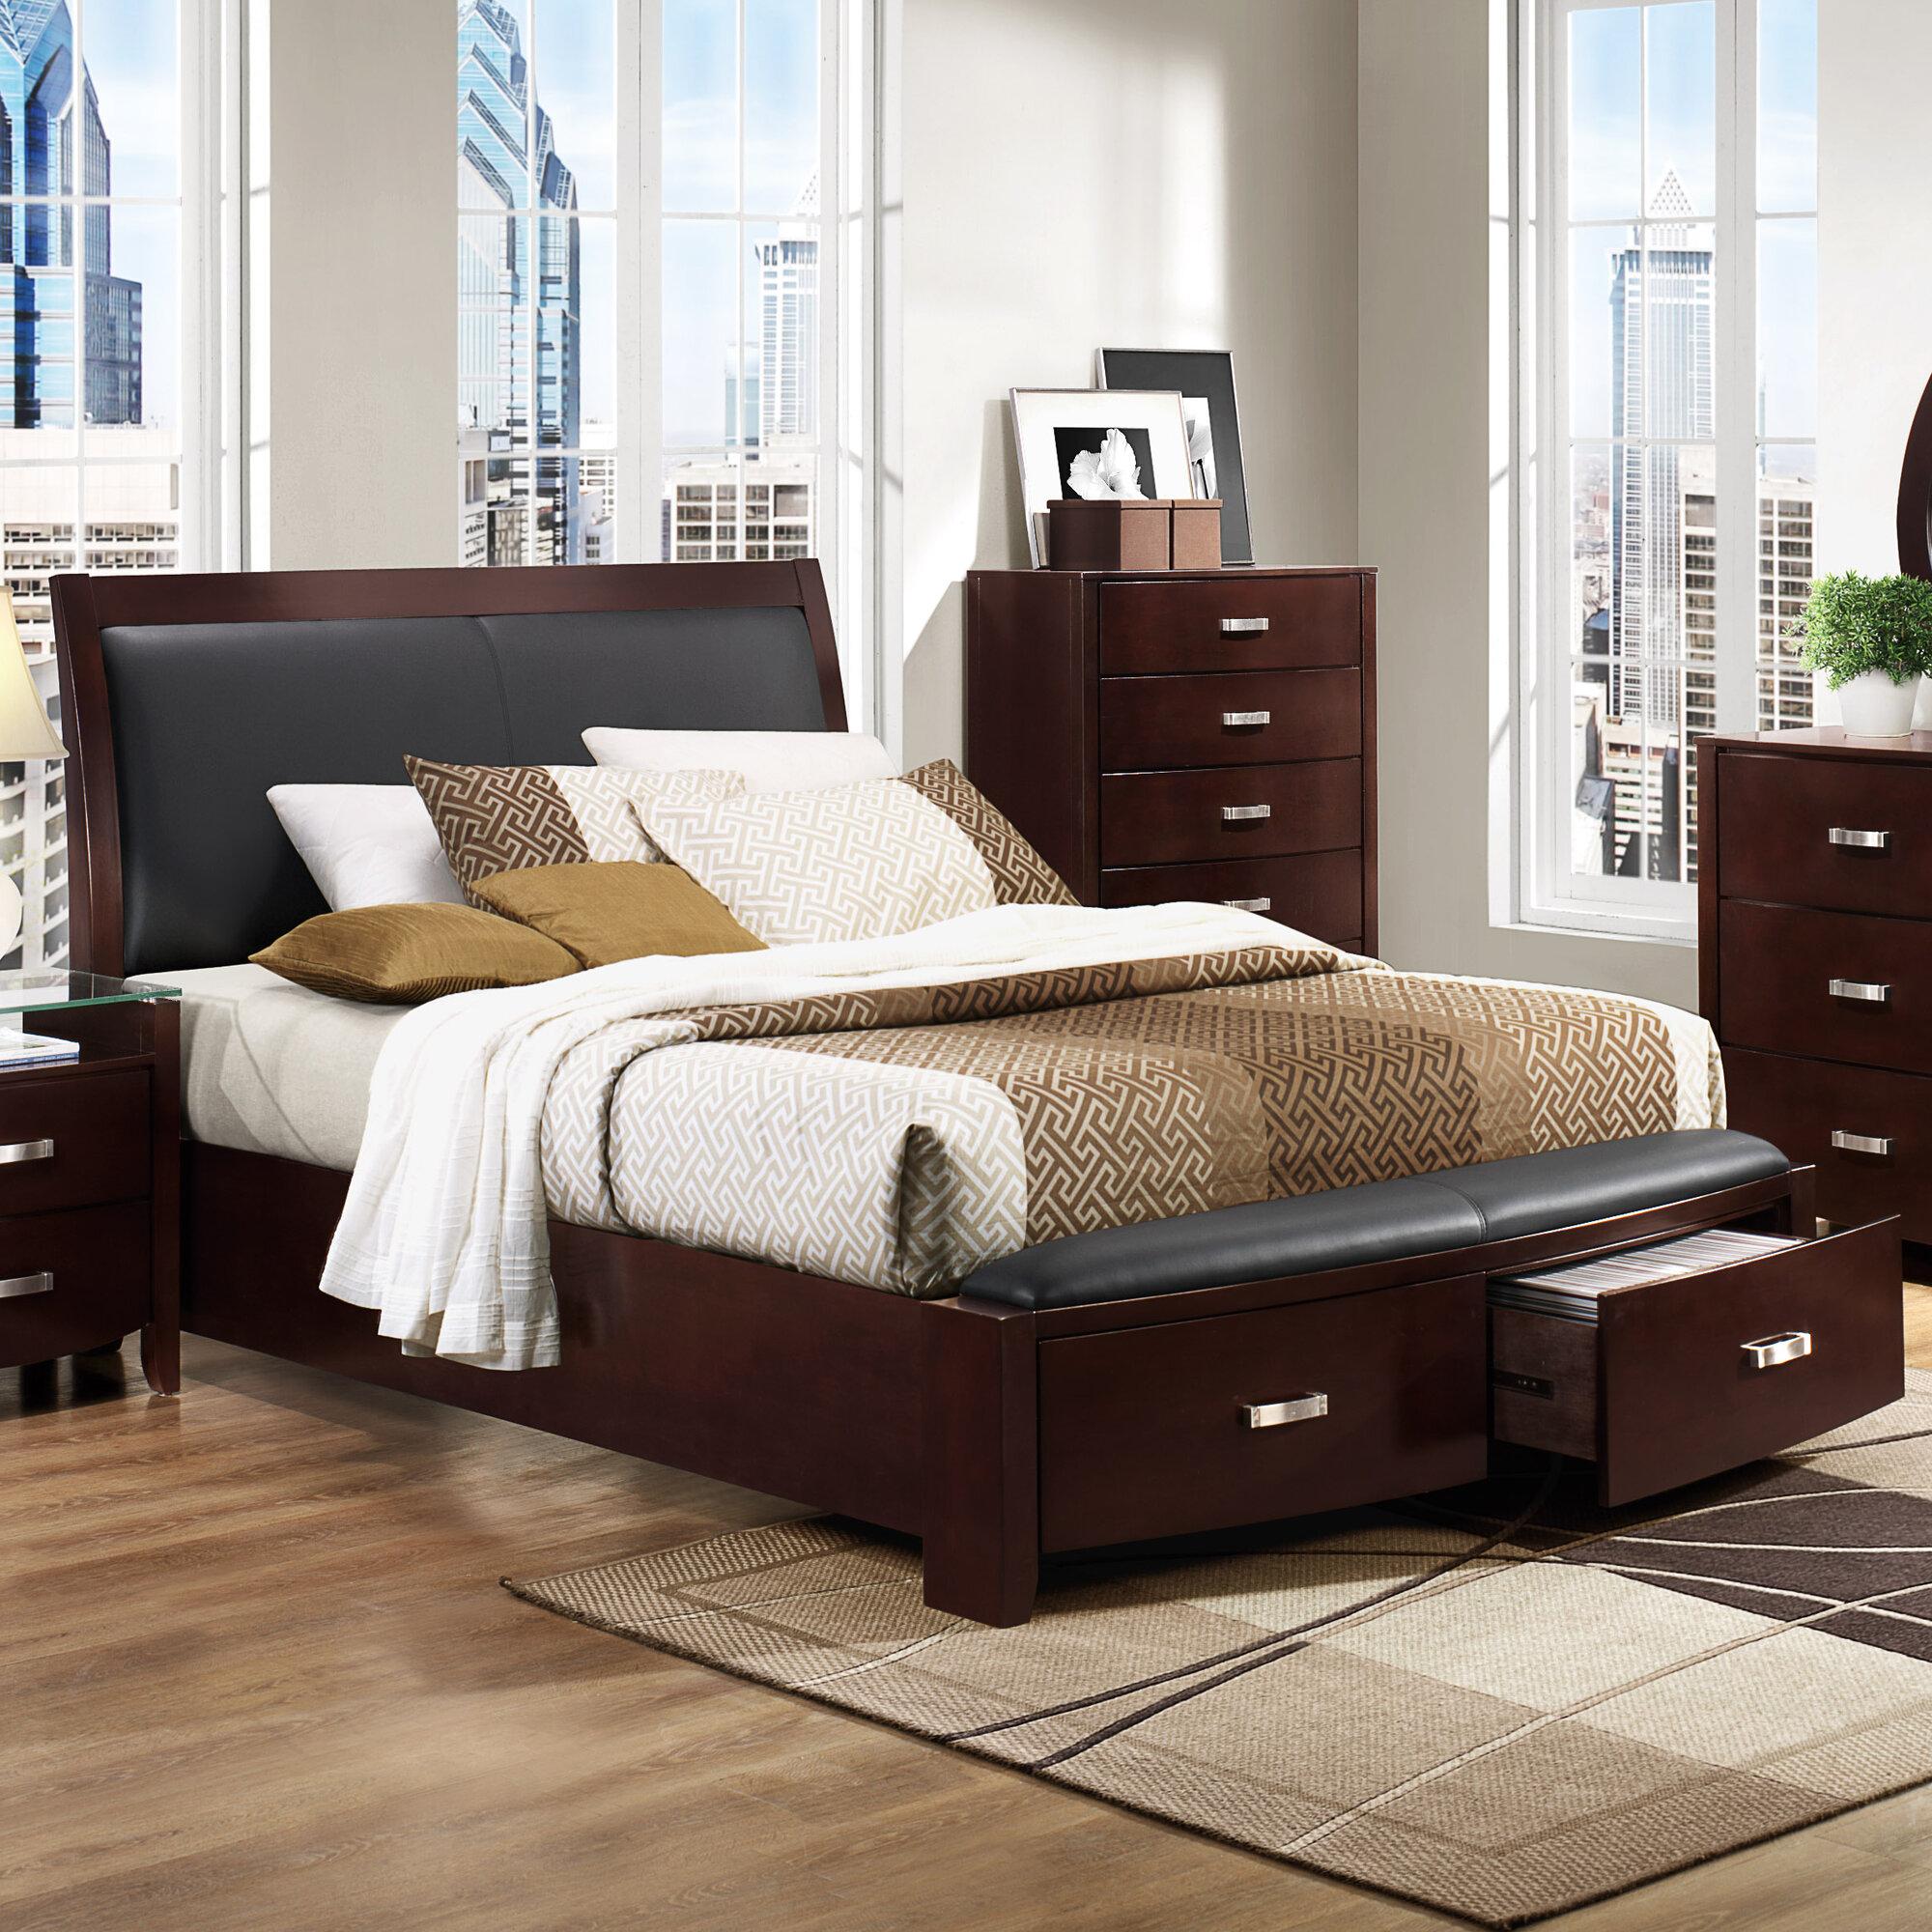 New Queen Size Woodbridge Home Designs Lyric Storage Sleigh Bedroom Set Indoor Ebay